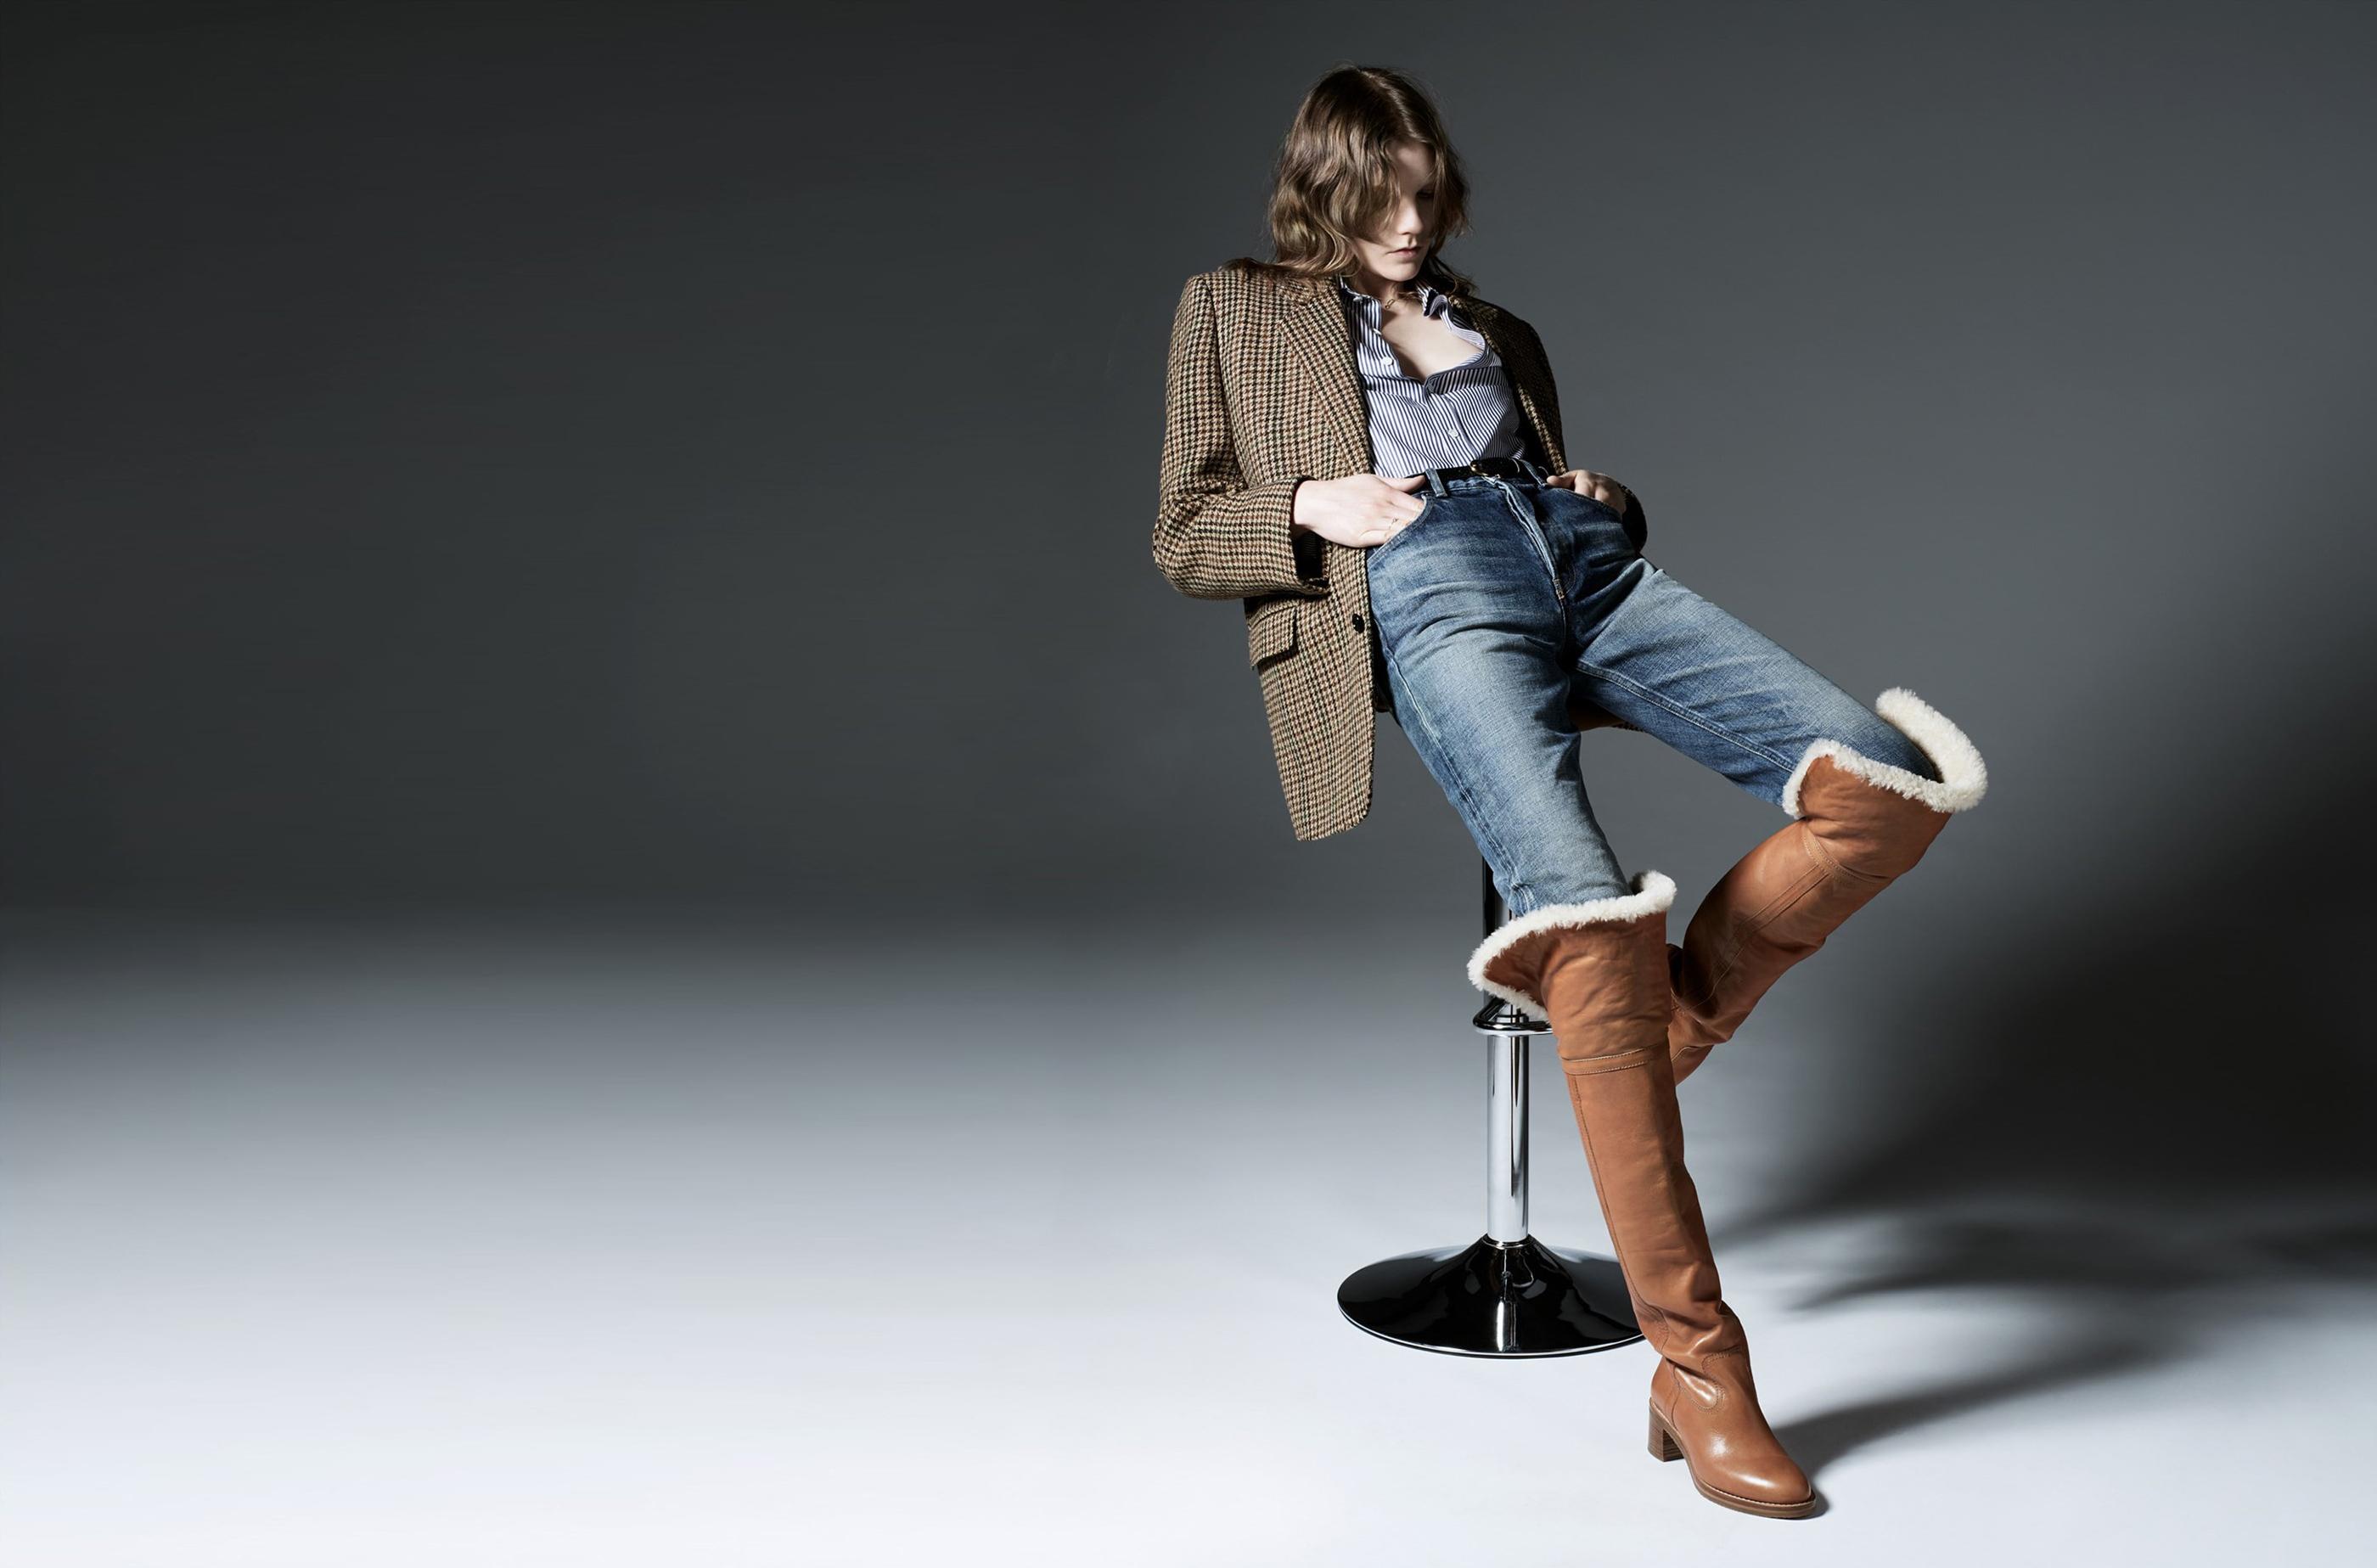 Celine Fall 2019 Women's Ad Campaign 1